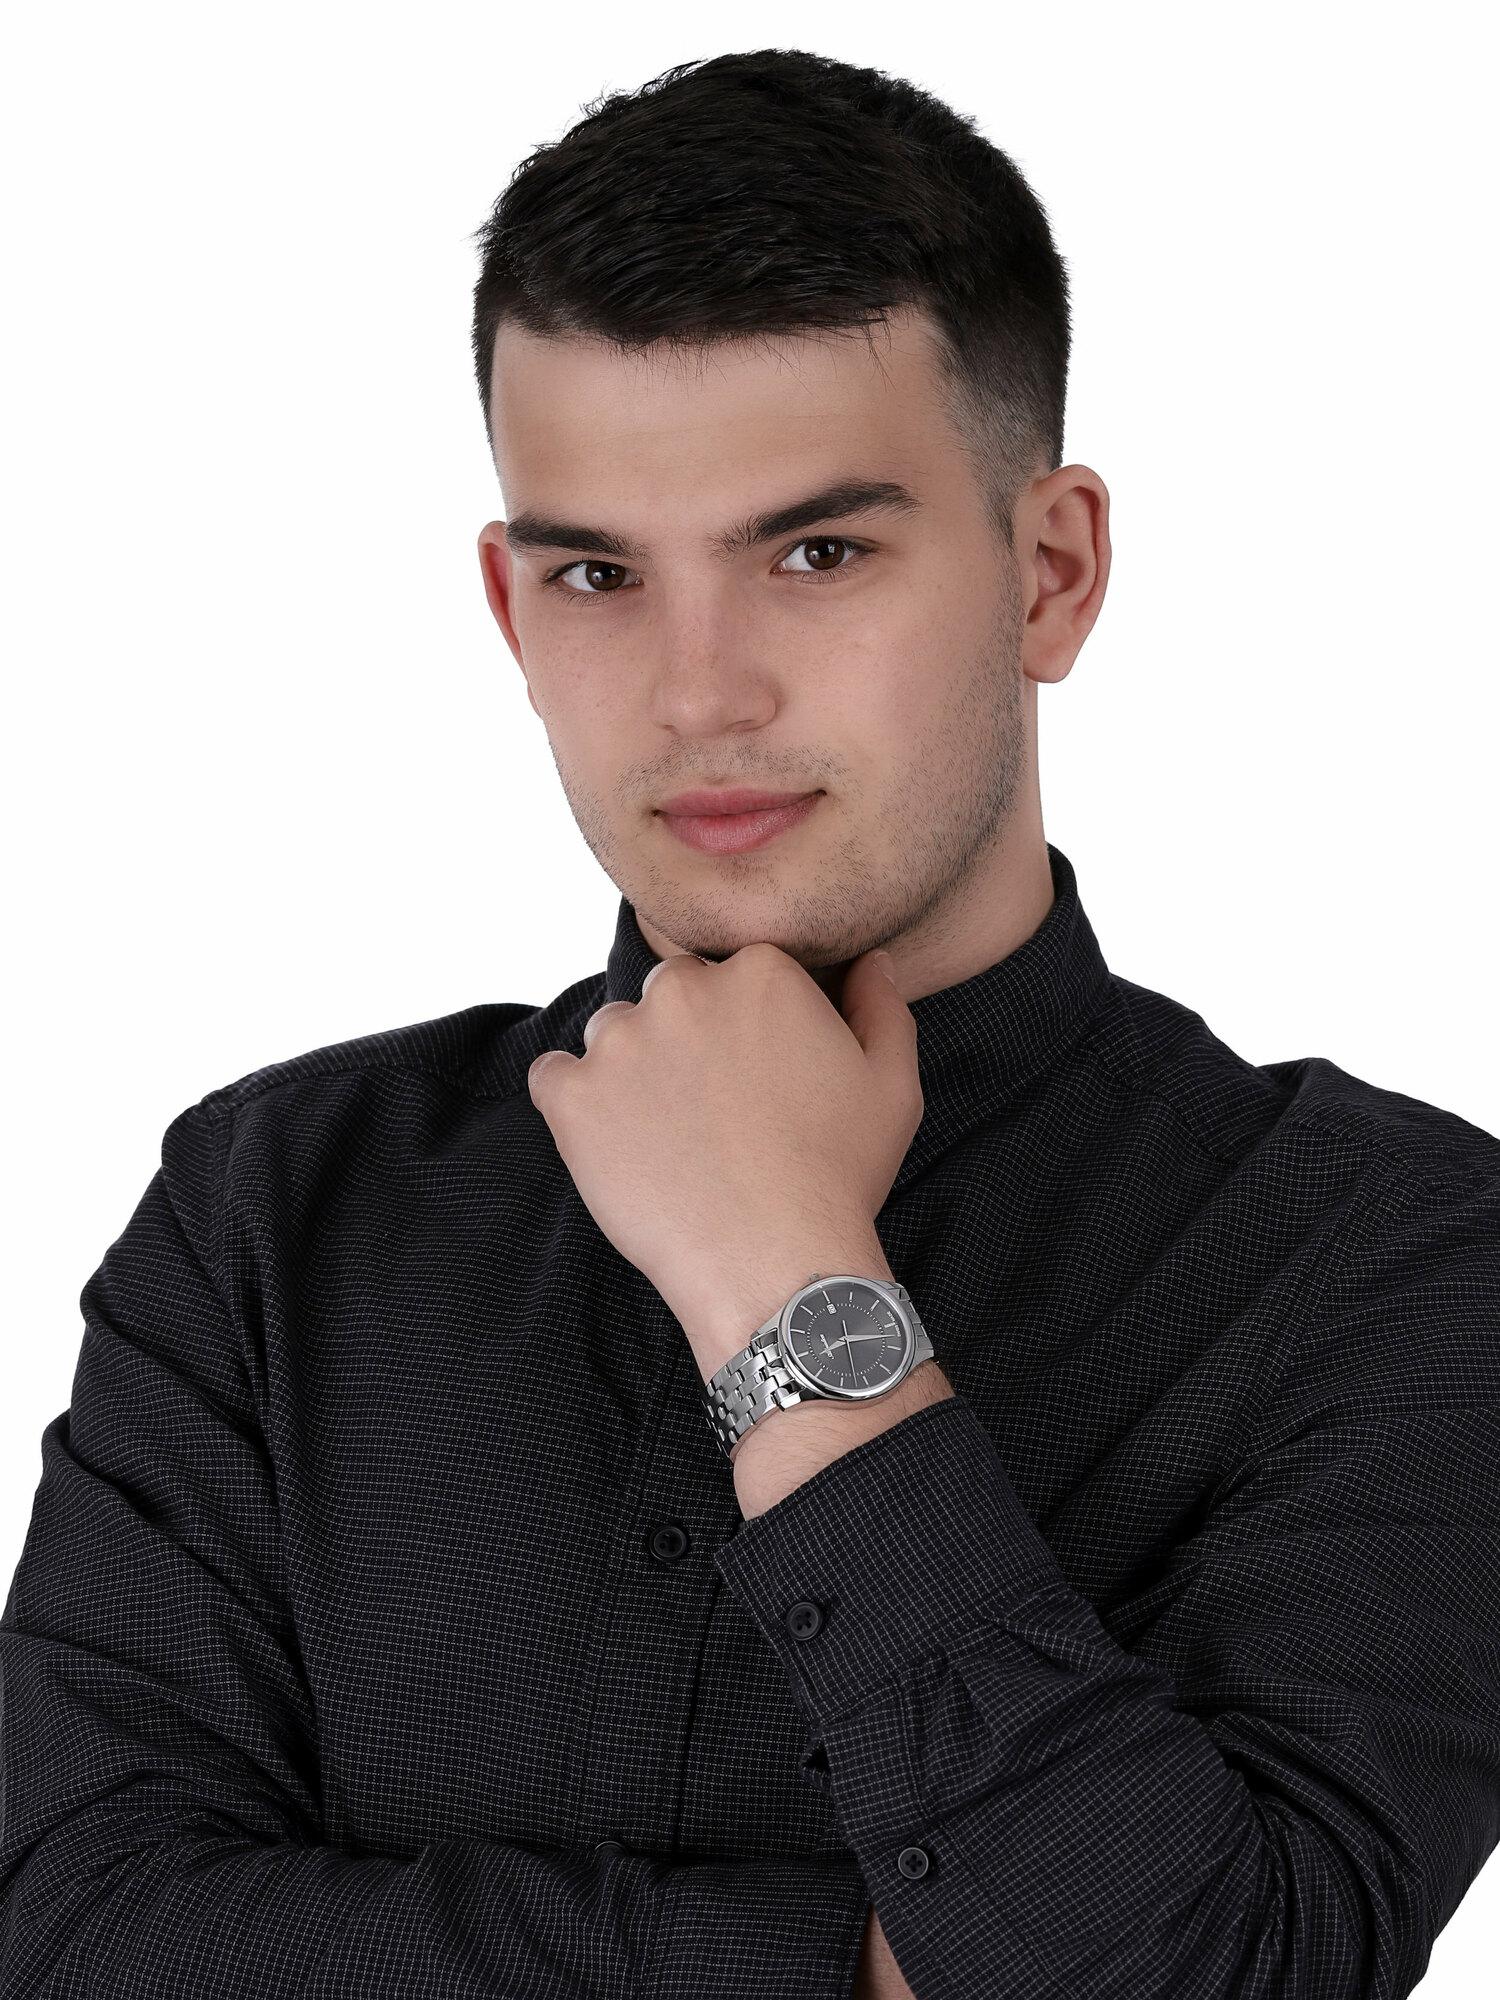 Adriatica A1279.5116Q zegarek męski Bransoleta